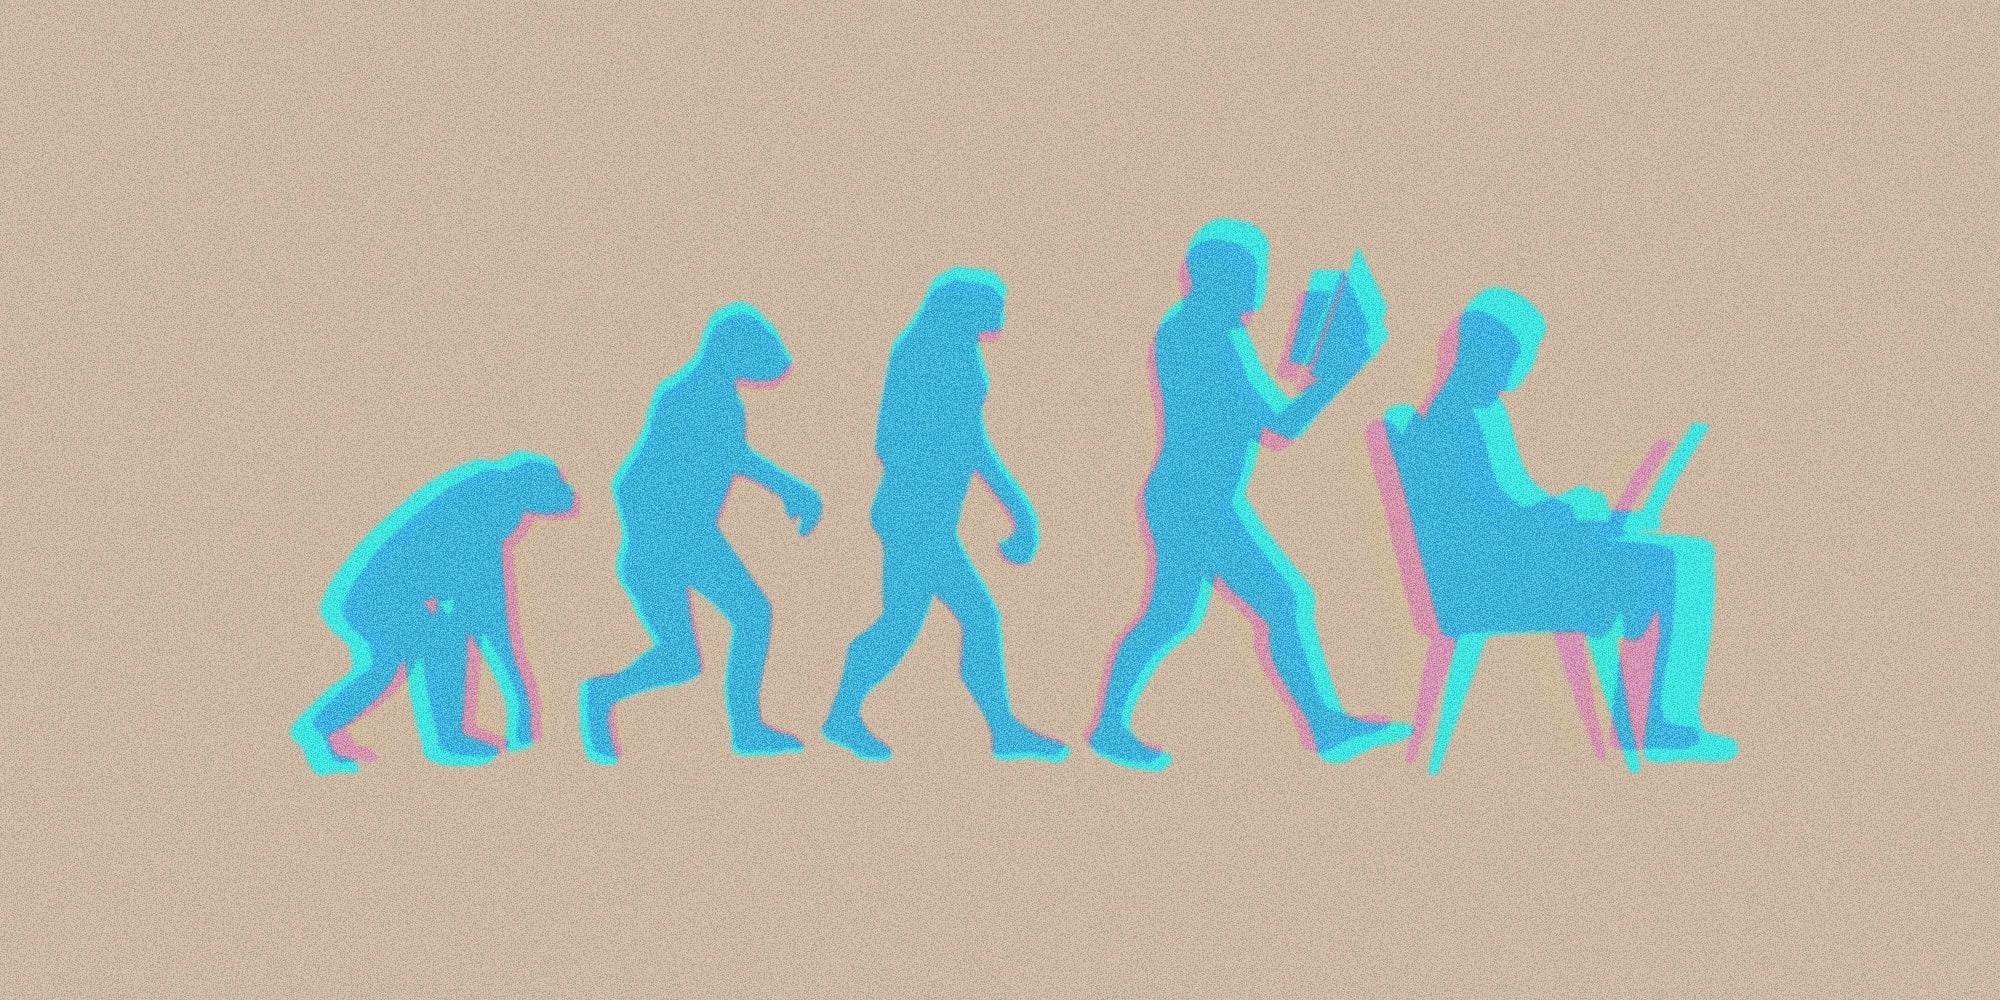 📈 История успеха: как я стал специалистом по Data Science